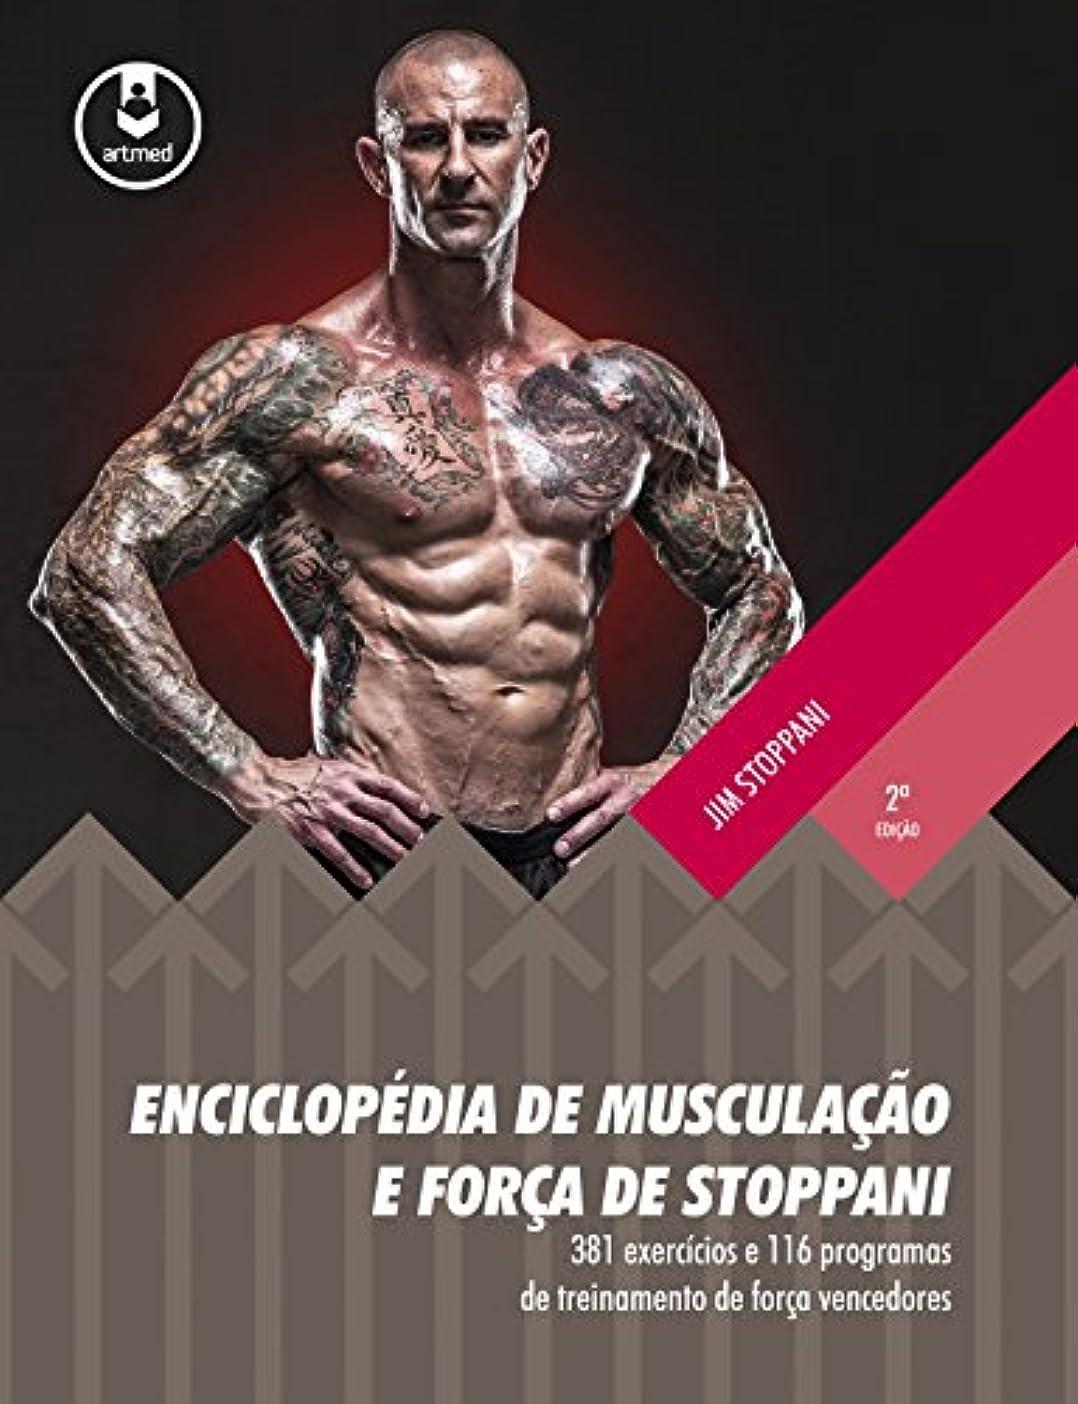 サーカス結果としてドリルEnciclopédia de Musculação e Força de Stoppani